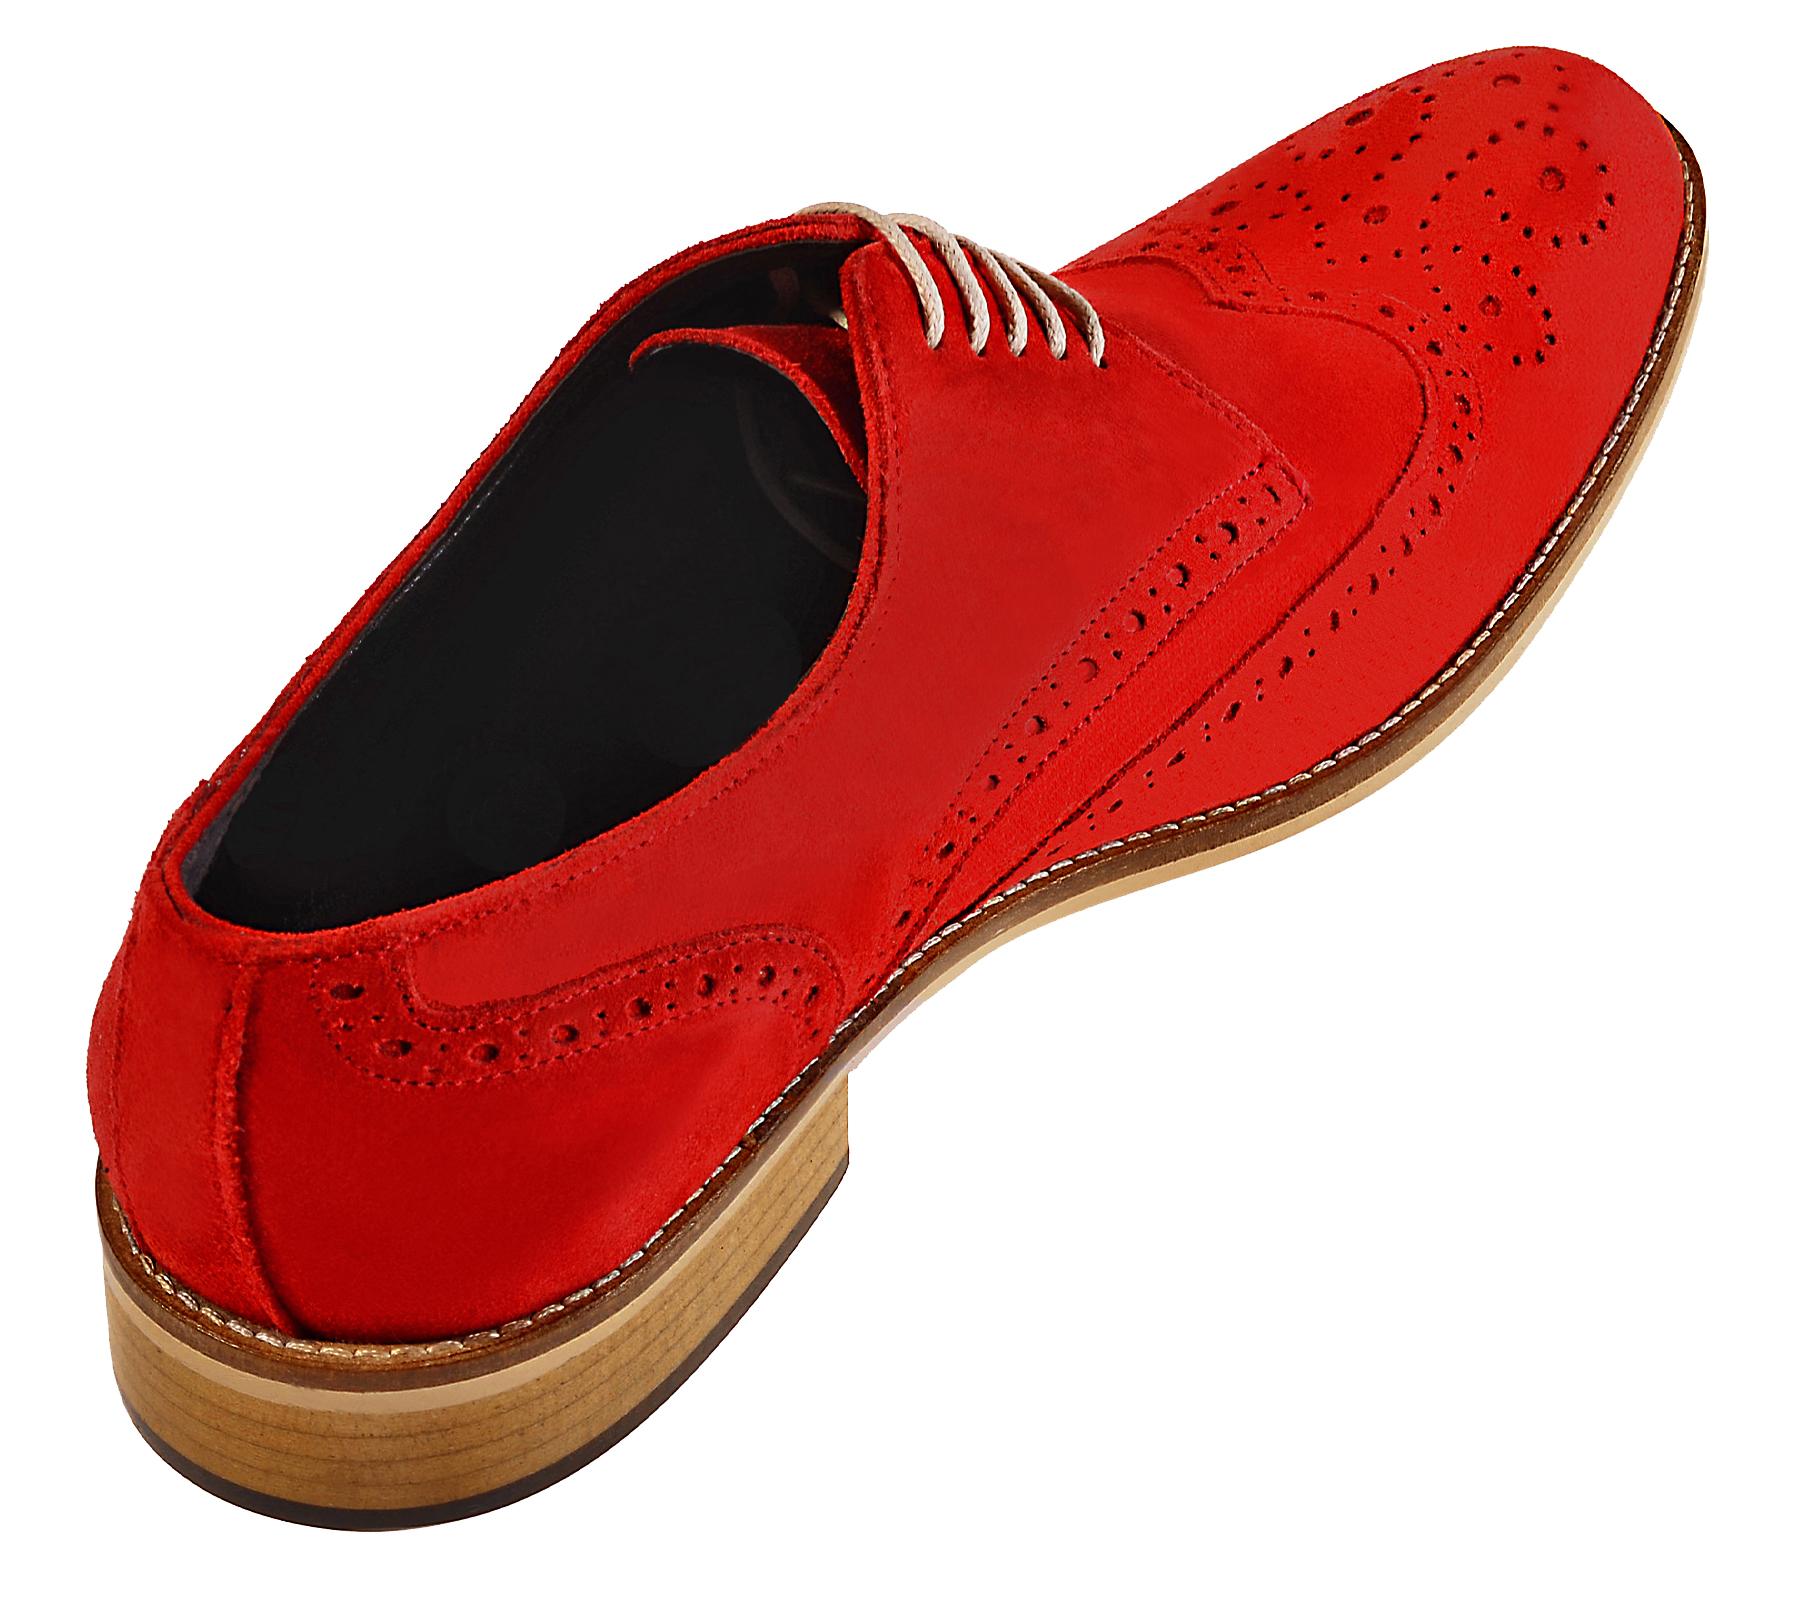 Handmade Derby Brogue Shoes